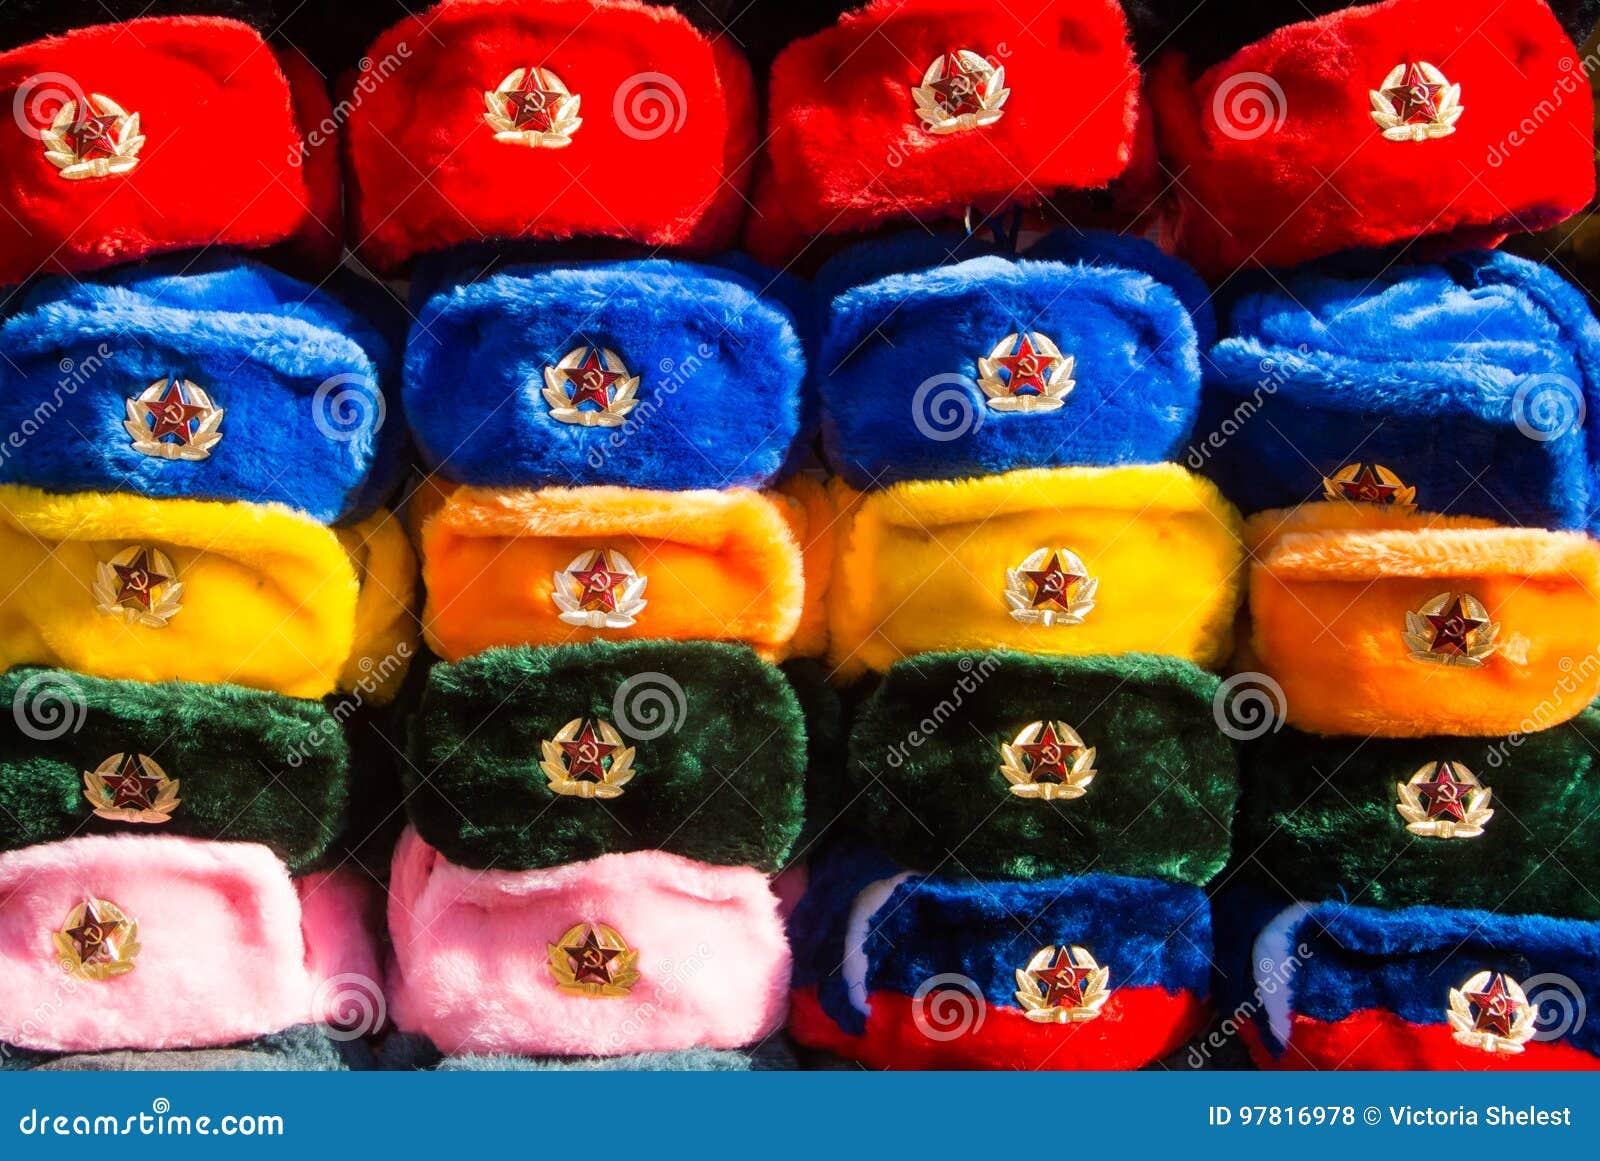 Σειρές των ρωσικών χειμερινών καπέλων των διαφορετικών χρωμάτων με τα εμβλήματα στρατού στην αγορά οδών στην παλαιά οδό Arbat